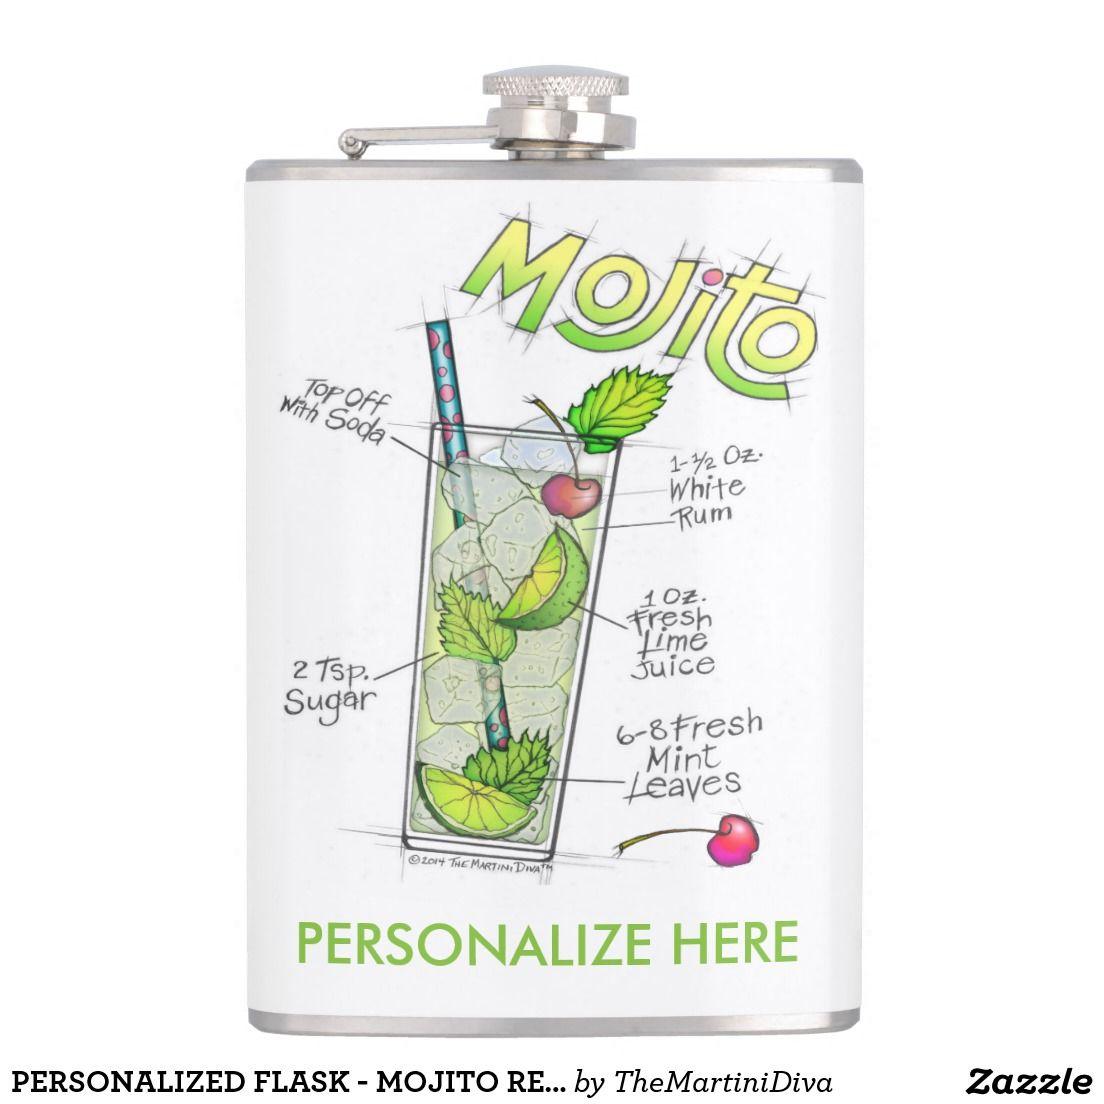 Personalized Flask Mojito Recipe Cocktail Art Zazzle Com Personalized Flasks Mojito Recipe Cocktail Art